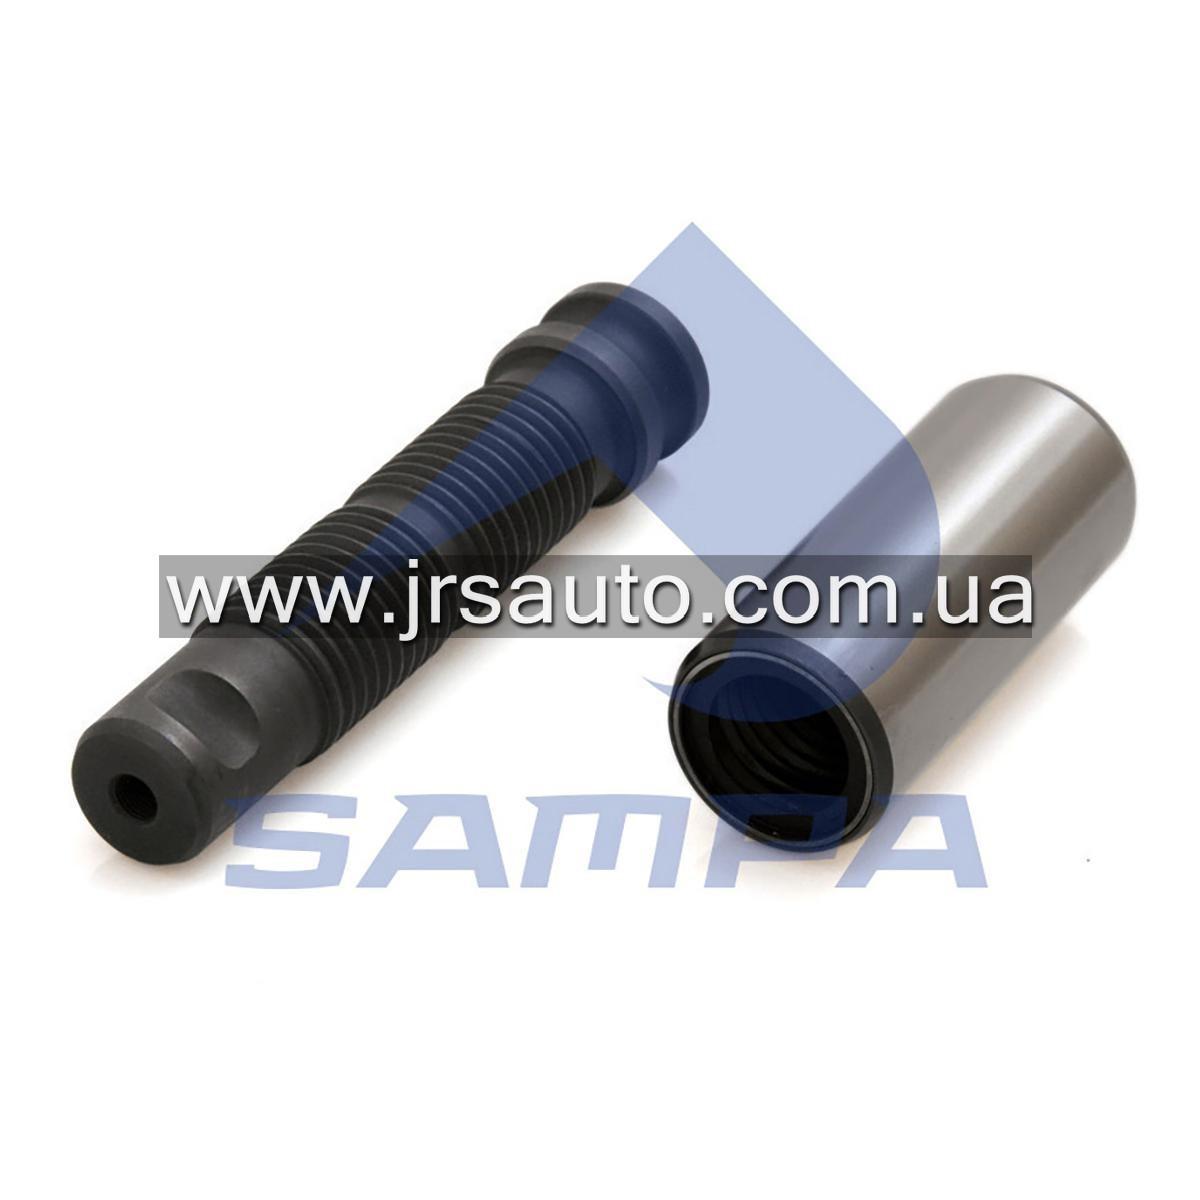 Ремкомплект пальца рессоры VOLVO (d38/d45) \030.549